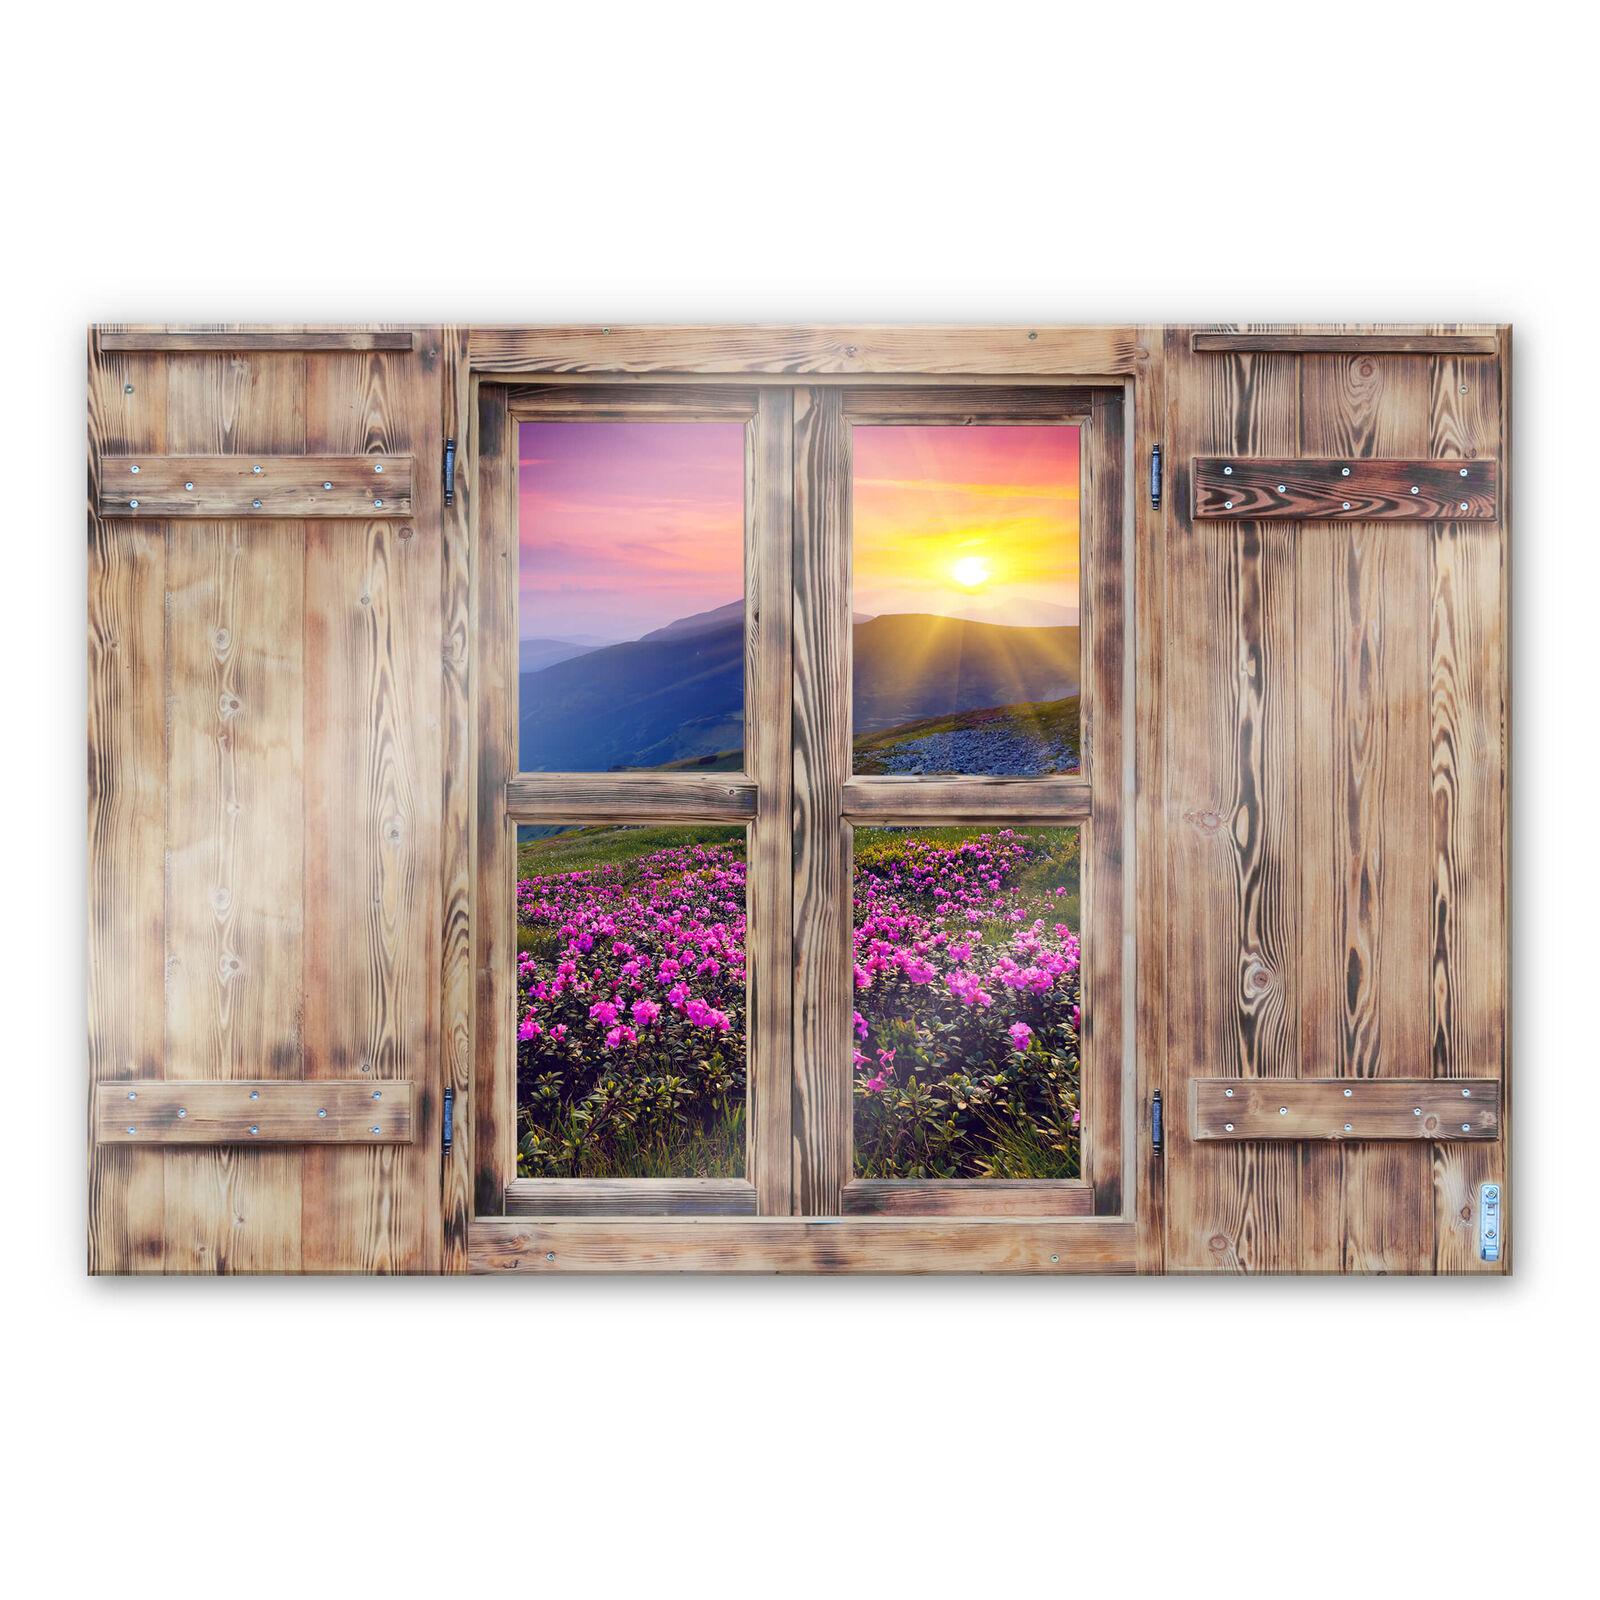 Glasbild 3D Holzfenster - Sonnenuntergang in den Bergen verblüffend echt DEKO